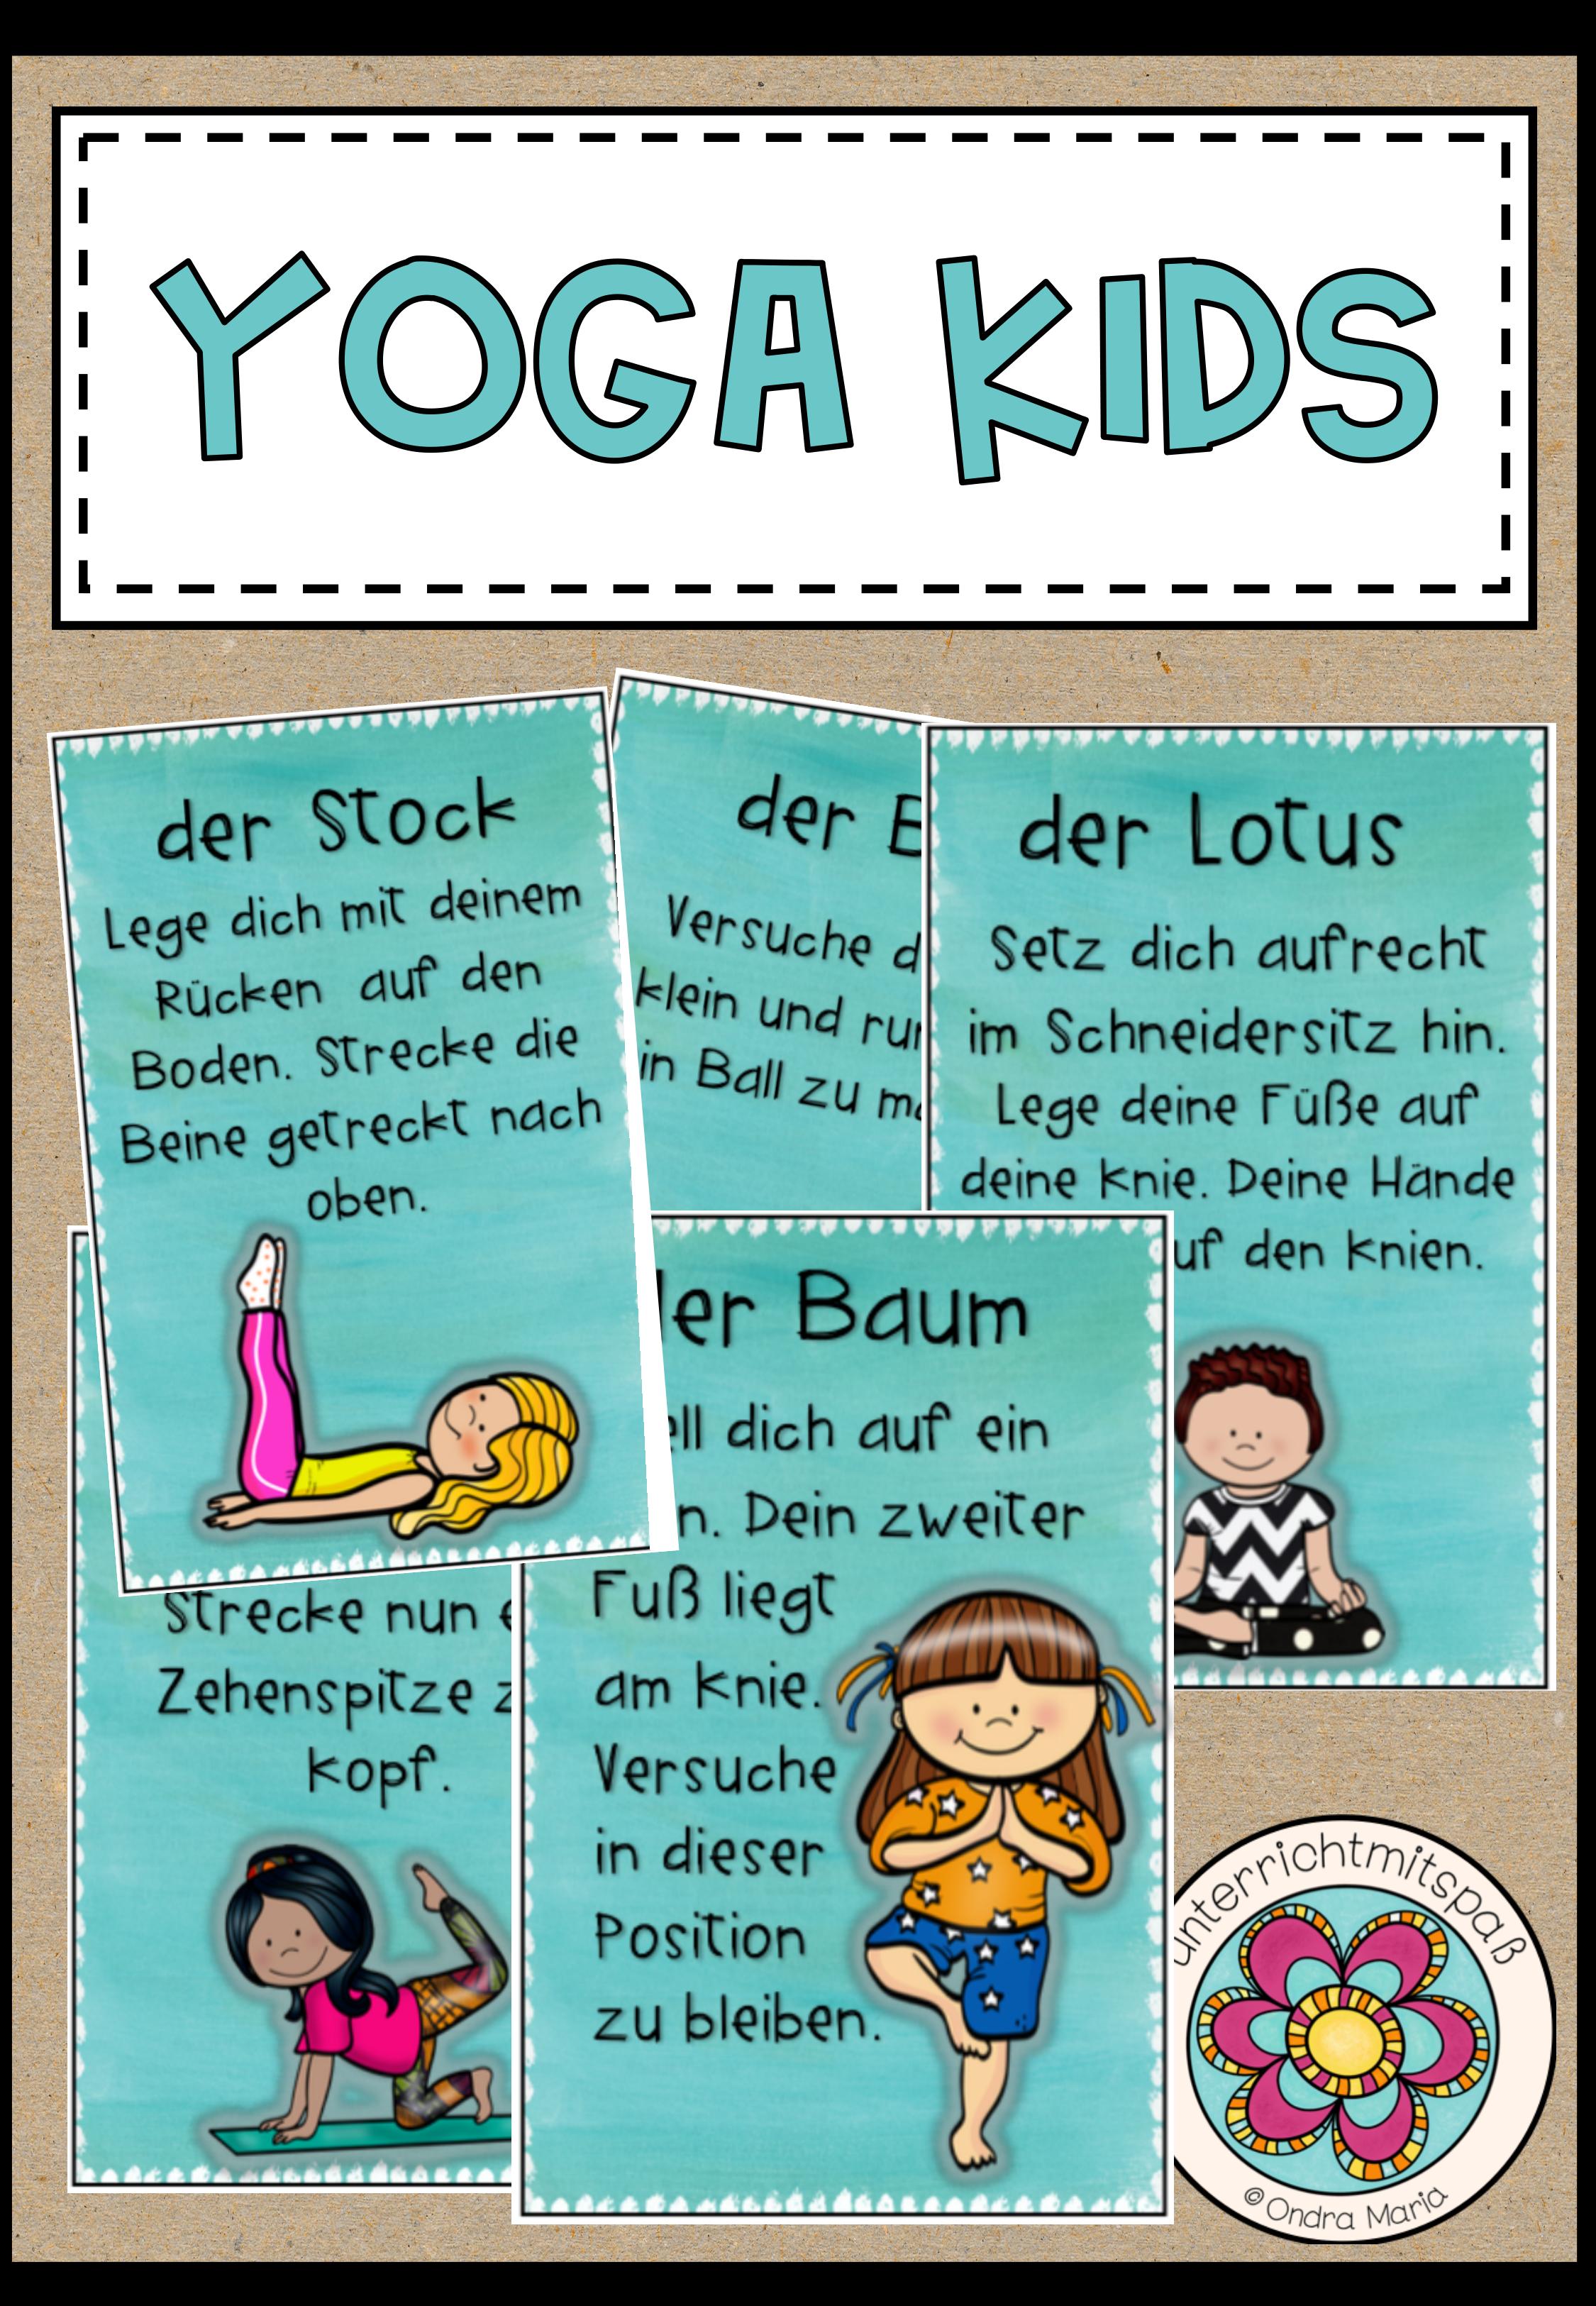 Yoga Kids - 32 Yogaübungen für Kinder – Unterrichtsmaterial in den Fächern Fachübergreifendes & Sport